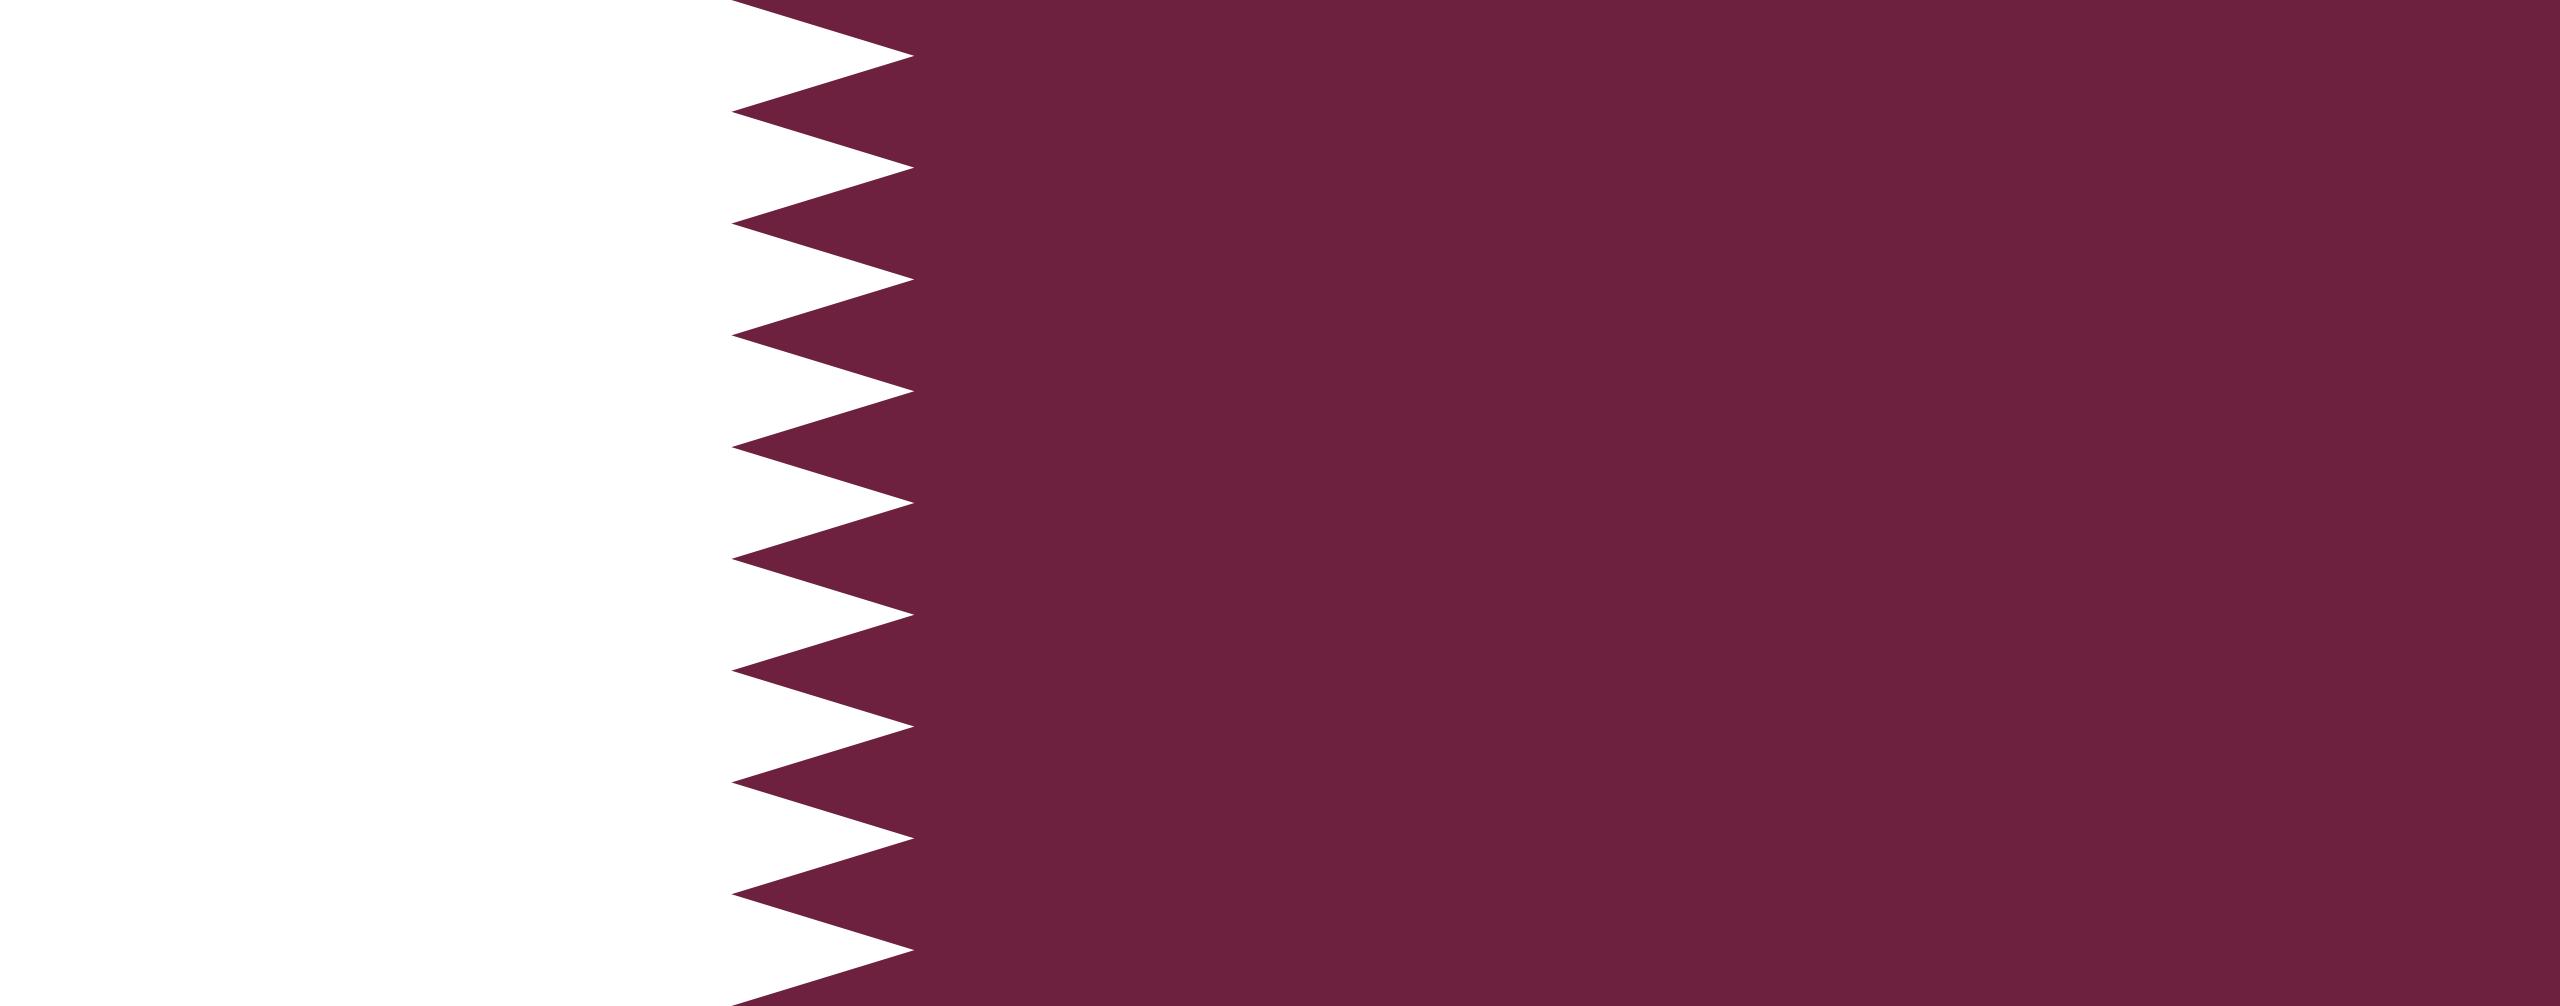 Katar, Land, Emblem, Logo, Symbol - Wallpaper HD - Prof.-falken.com